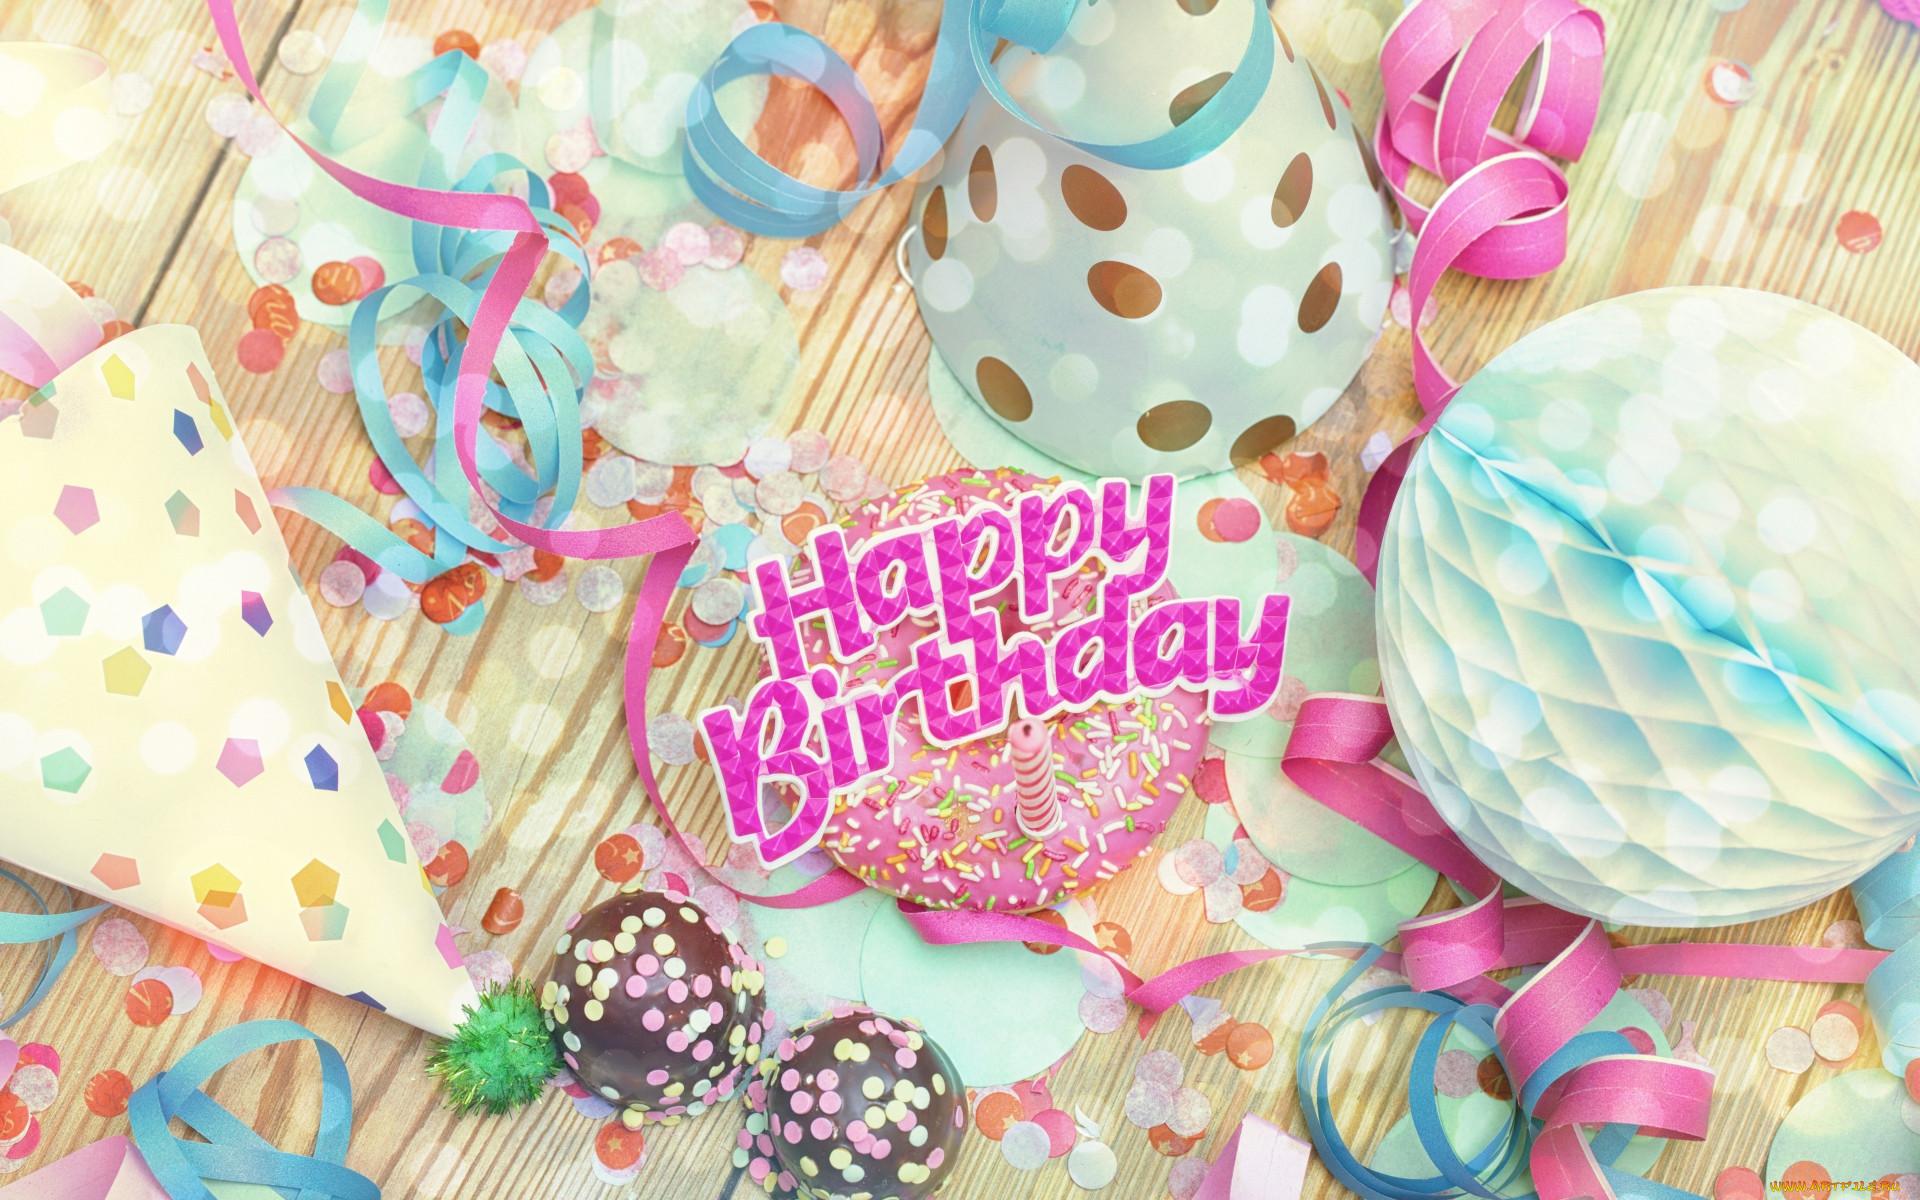 Картинки яркие красочные ко дню рождения